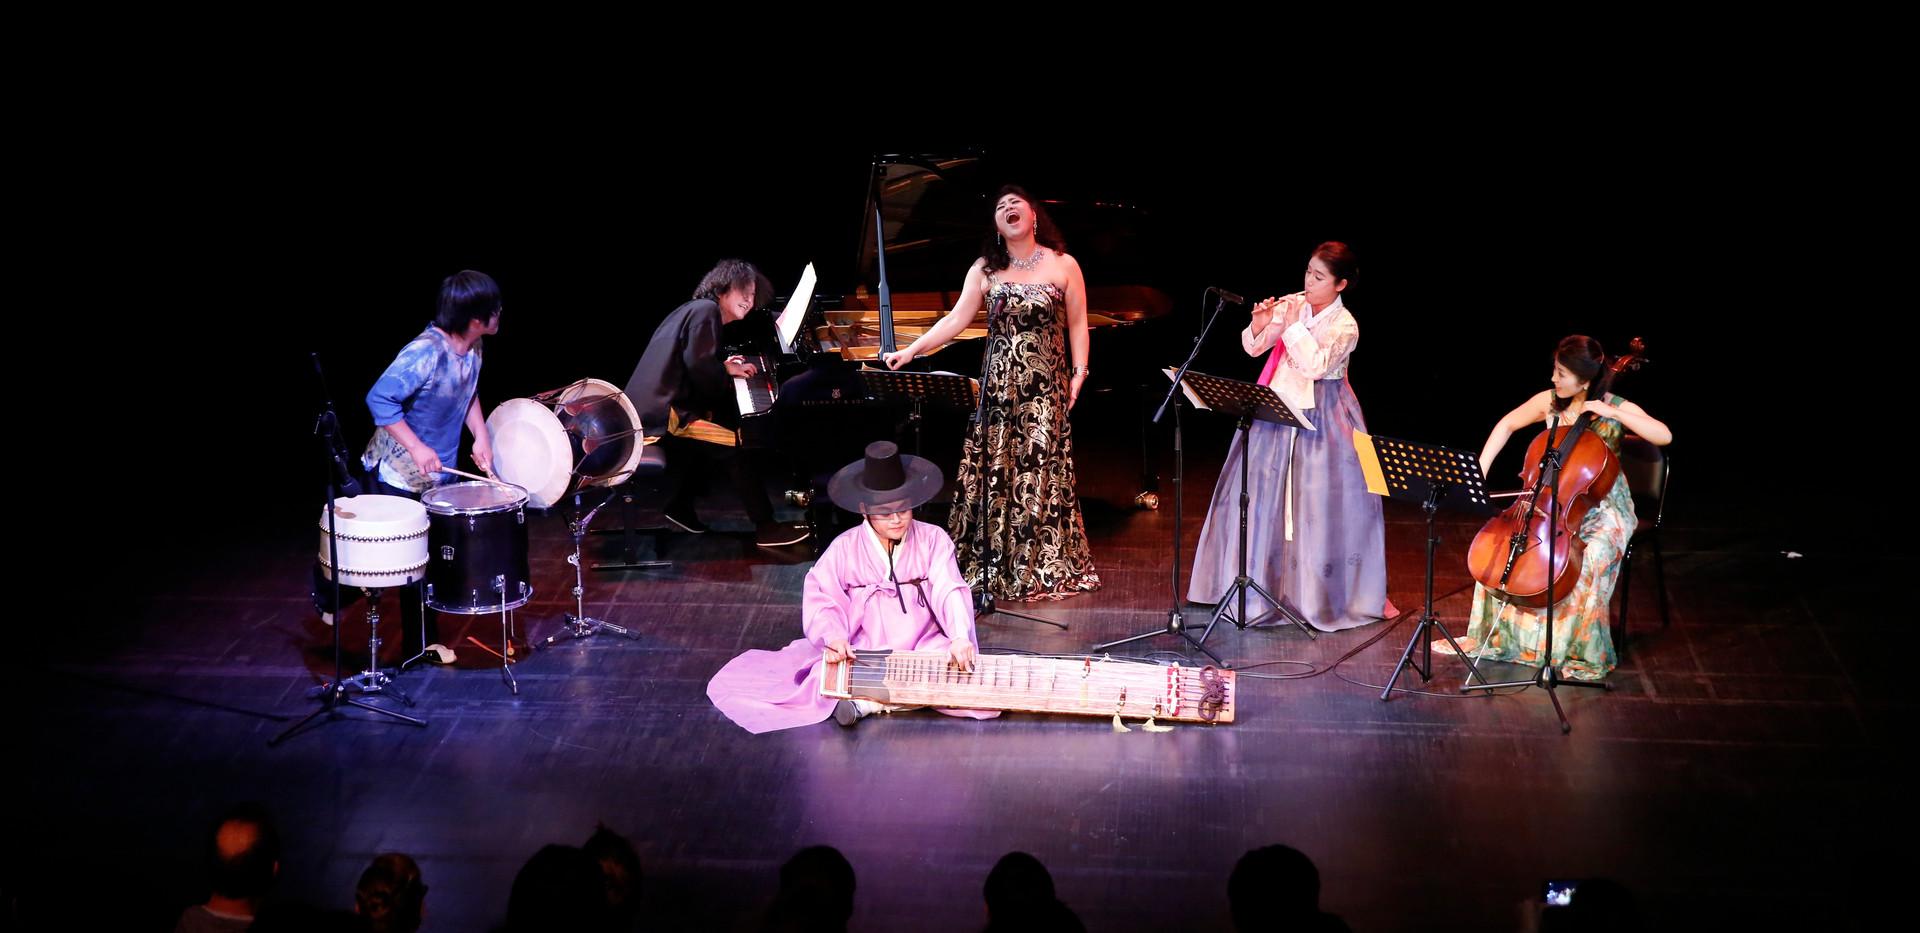 Concert de musique d'artistes de la ville de Gwang-ju